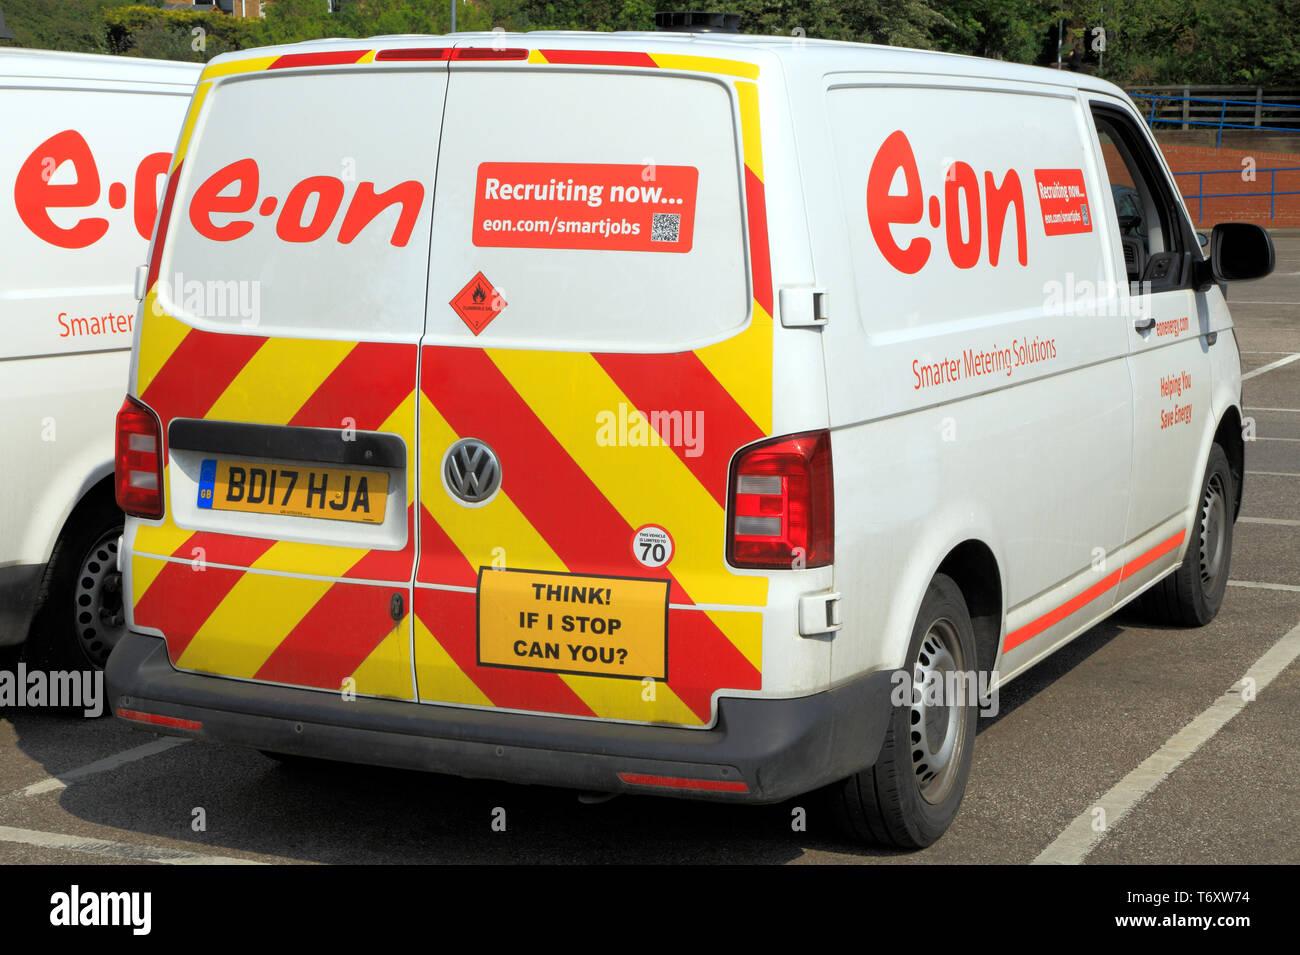 E.on, E.ON Strom, Lieferant, UK, Van, Fahrzeug Stockbild